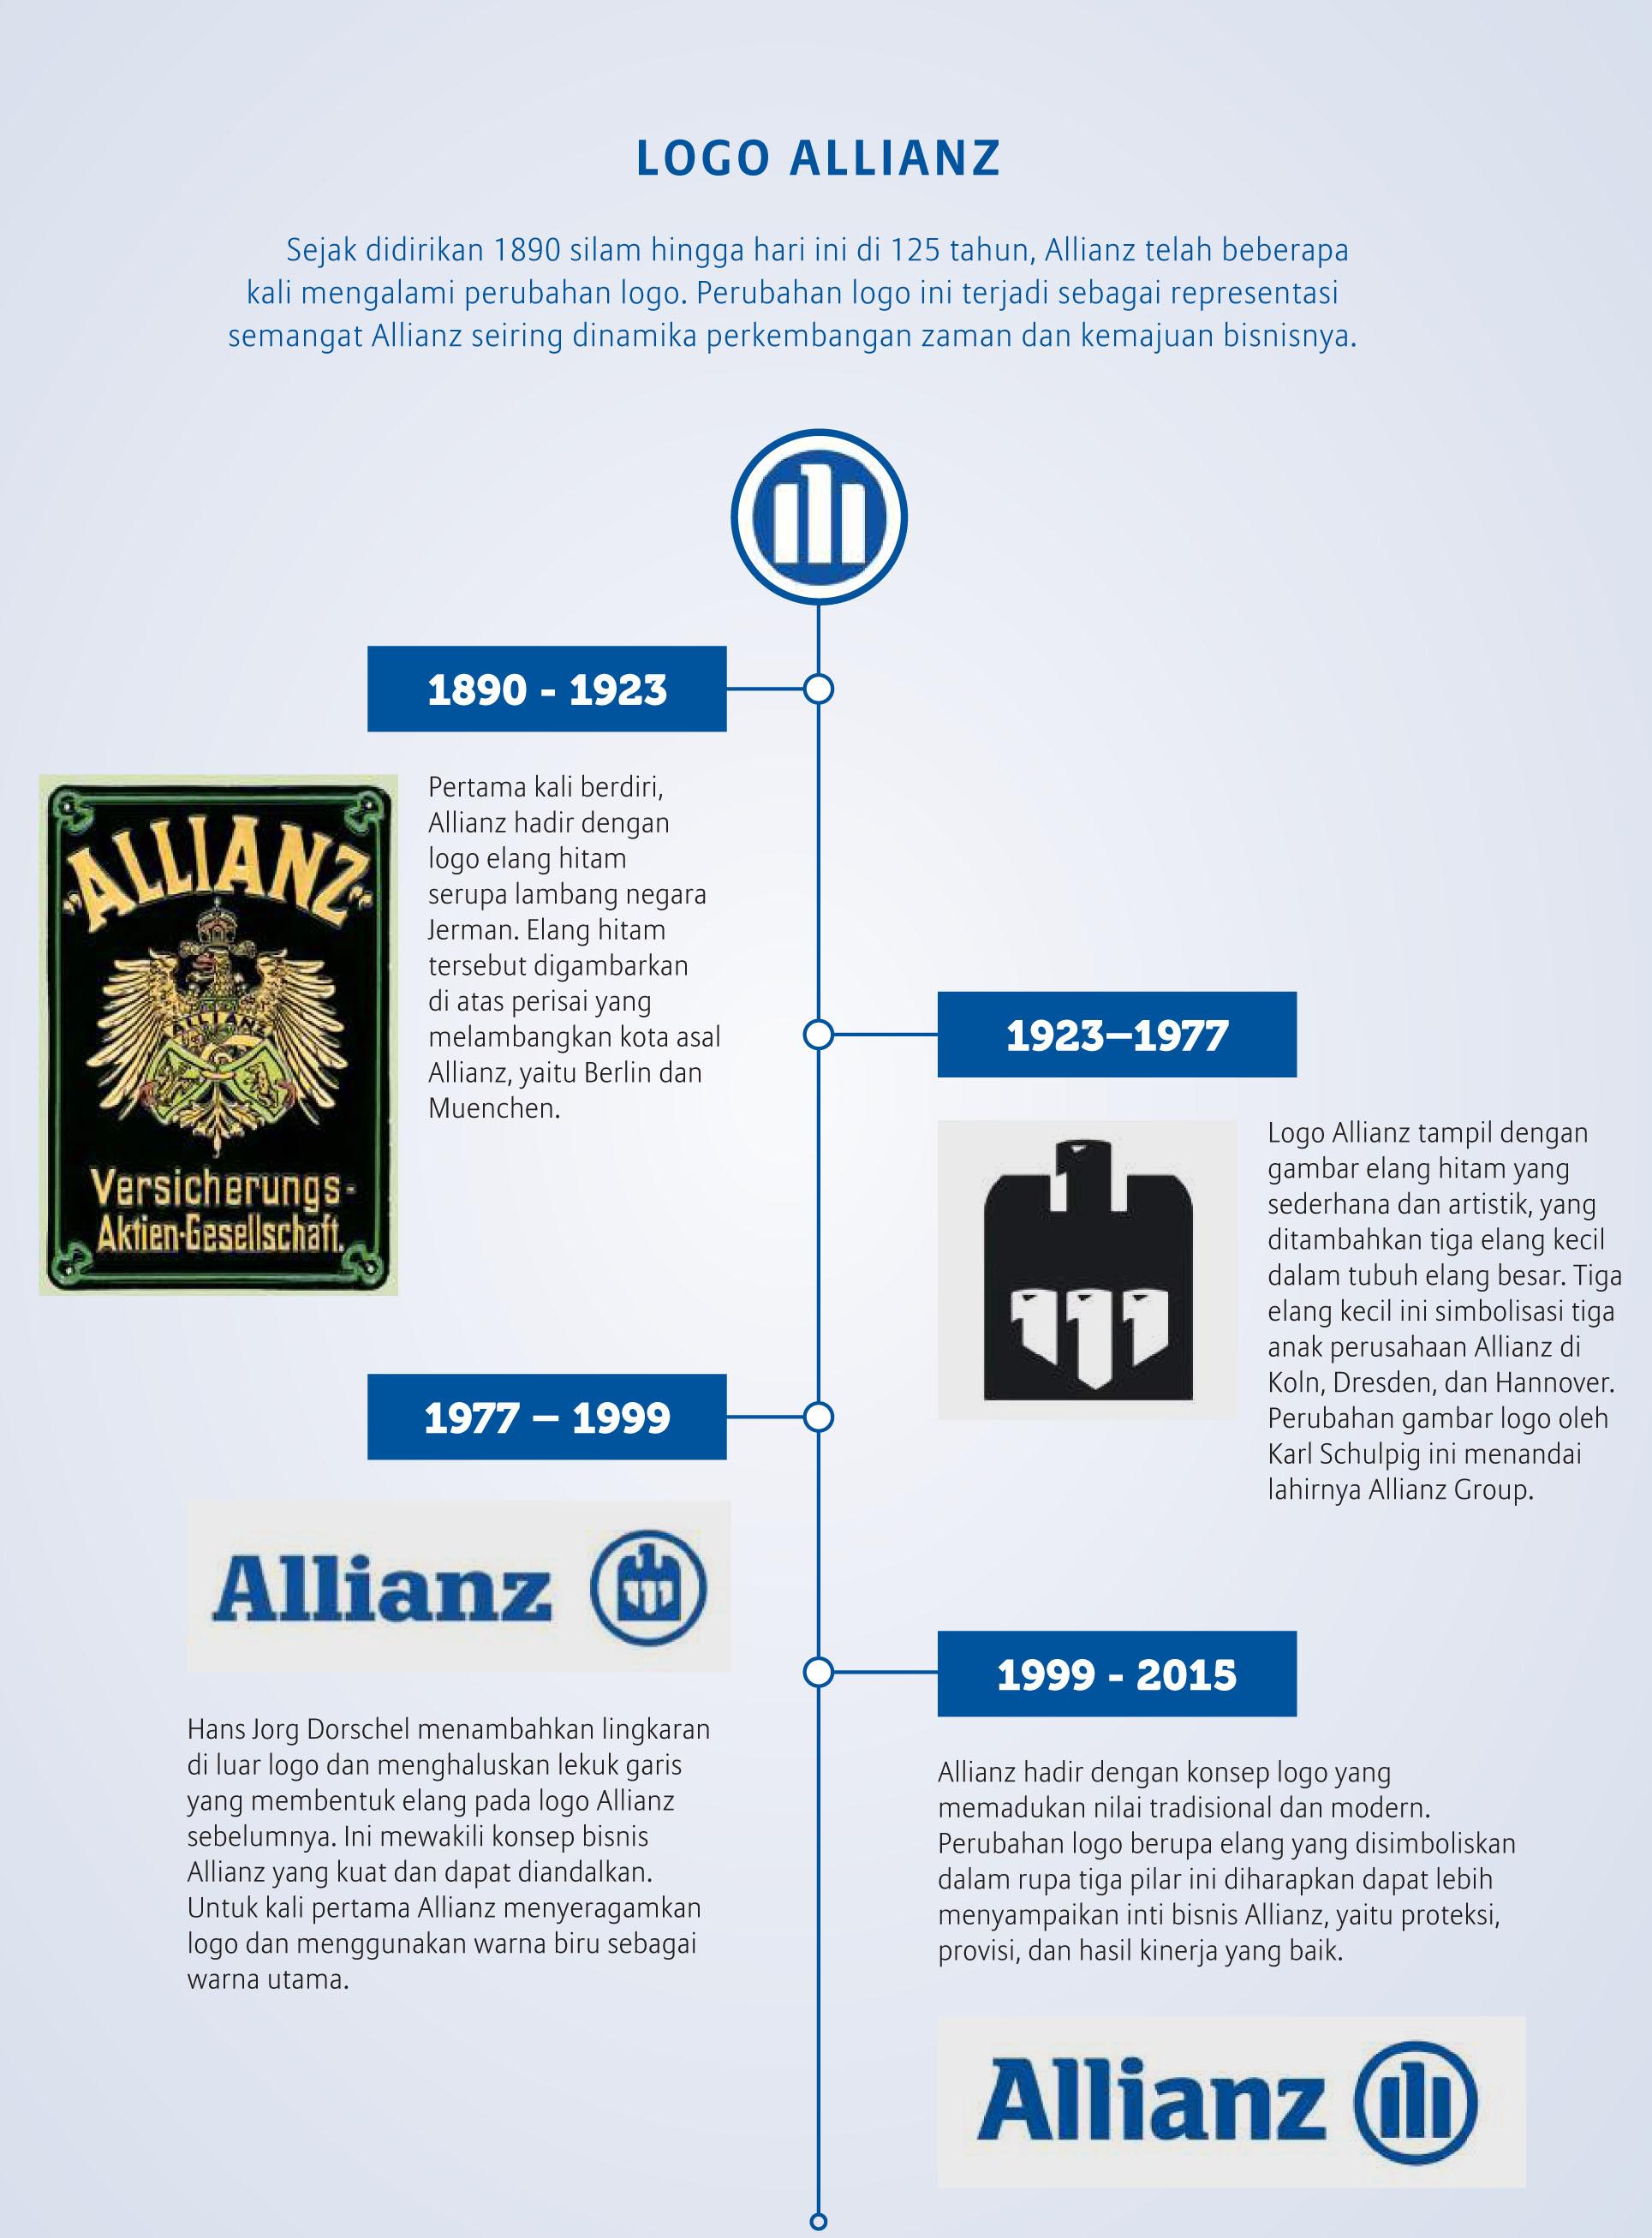 allianz logo 2